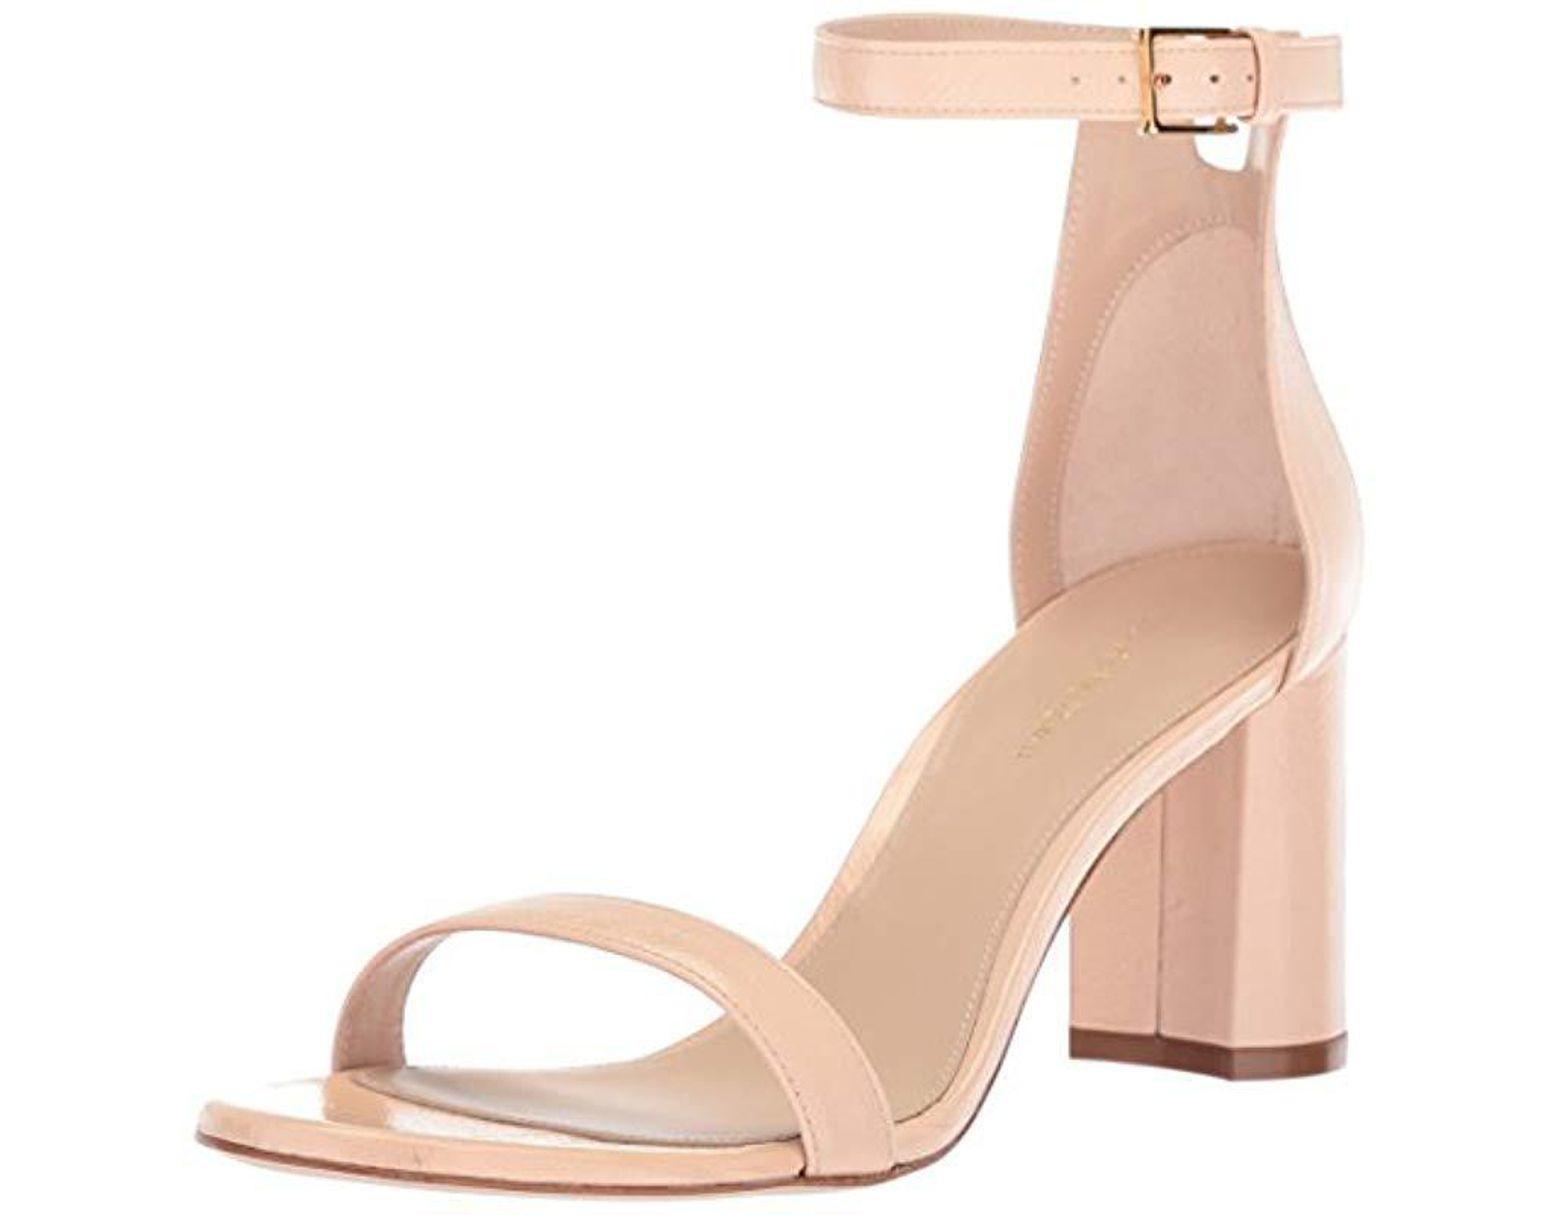 463270a8c2eb8 Women's 75lessnu Heeled Sandal